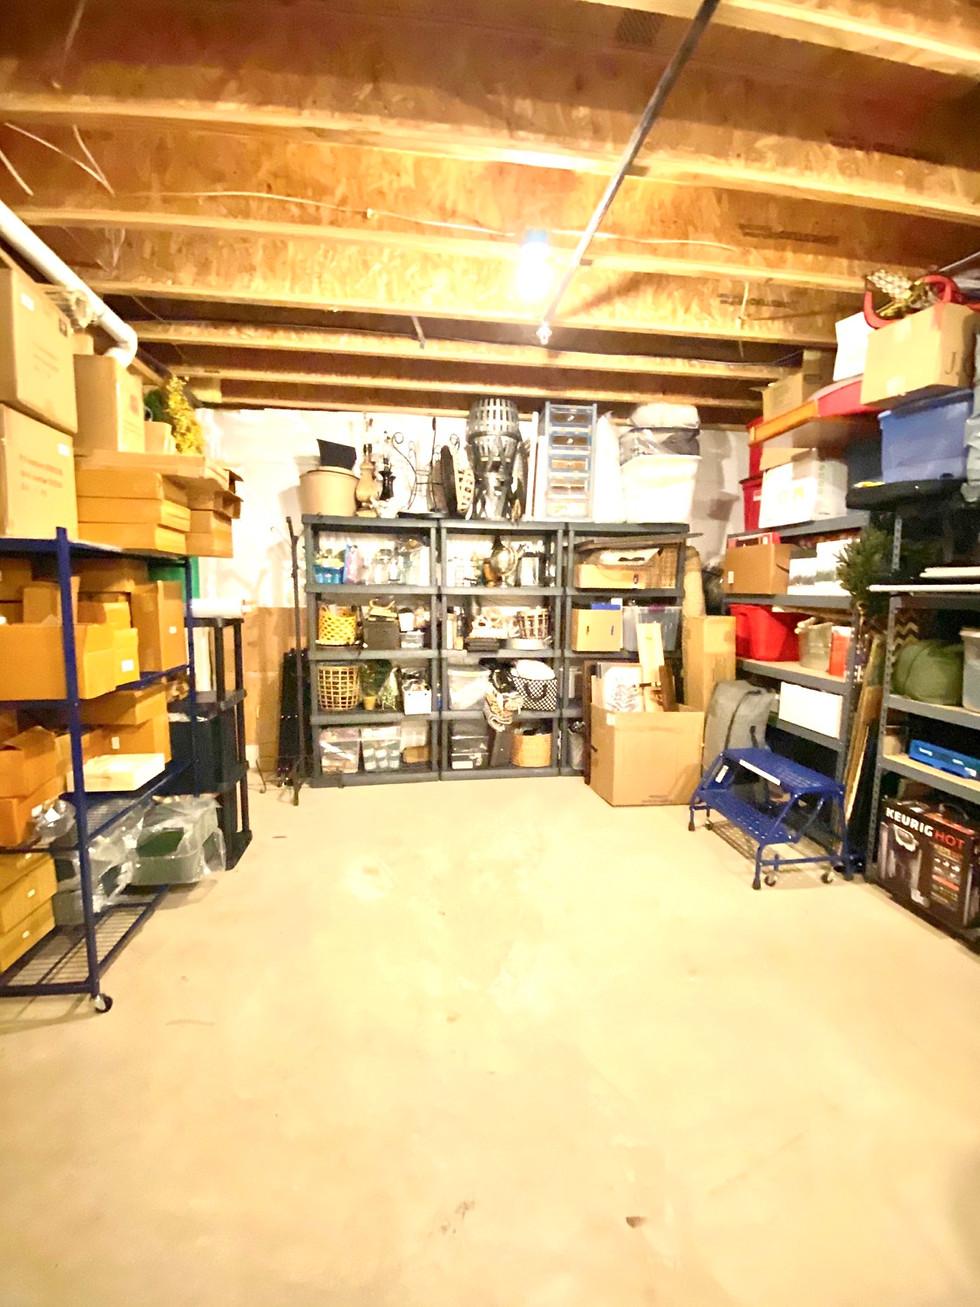 Basement Organizing